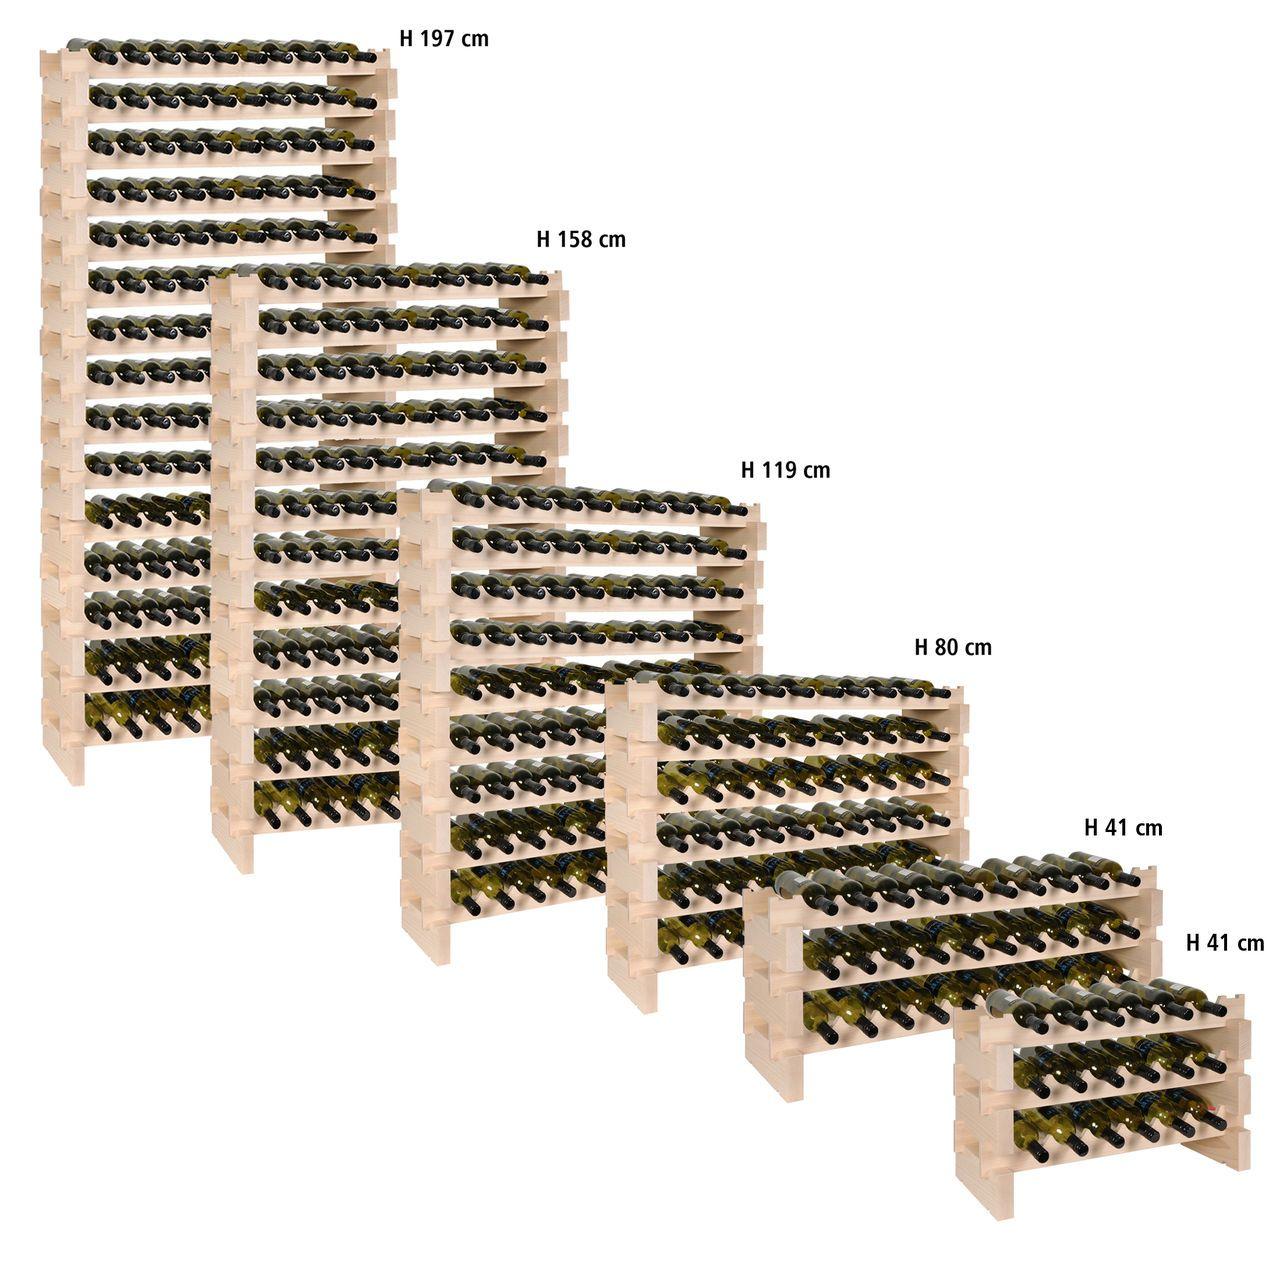 Weinregal Profi weinregal casanova aus buchenholz in unterschiedlichen größen und